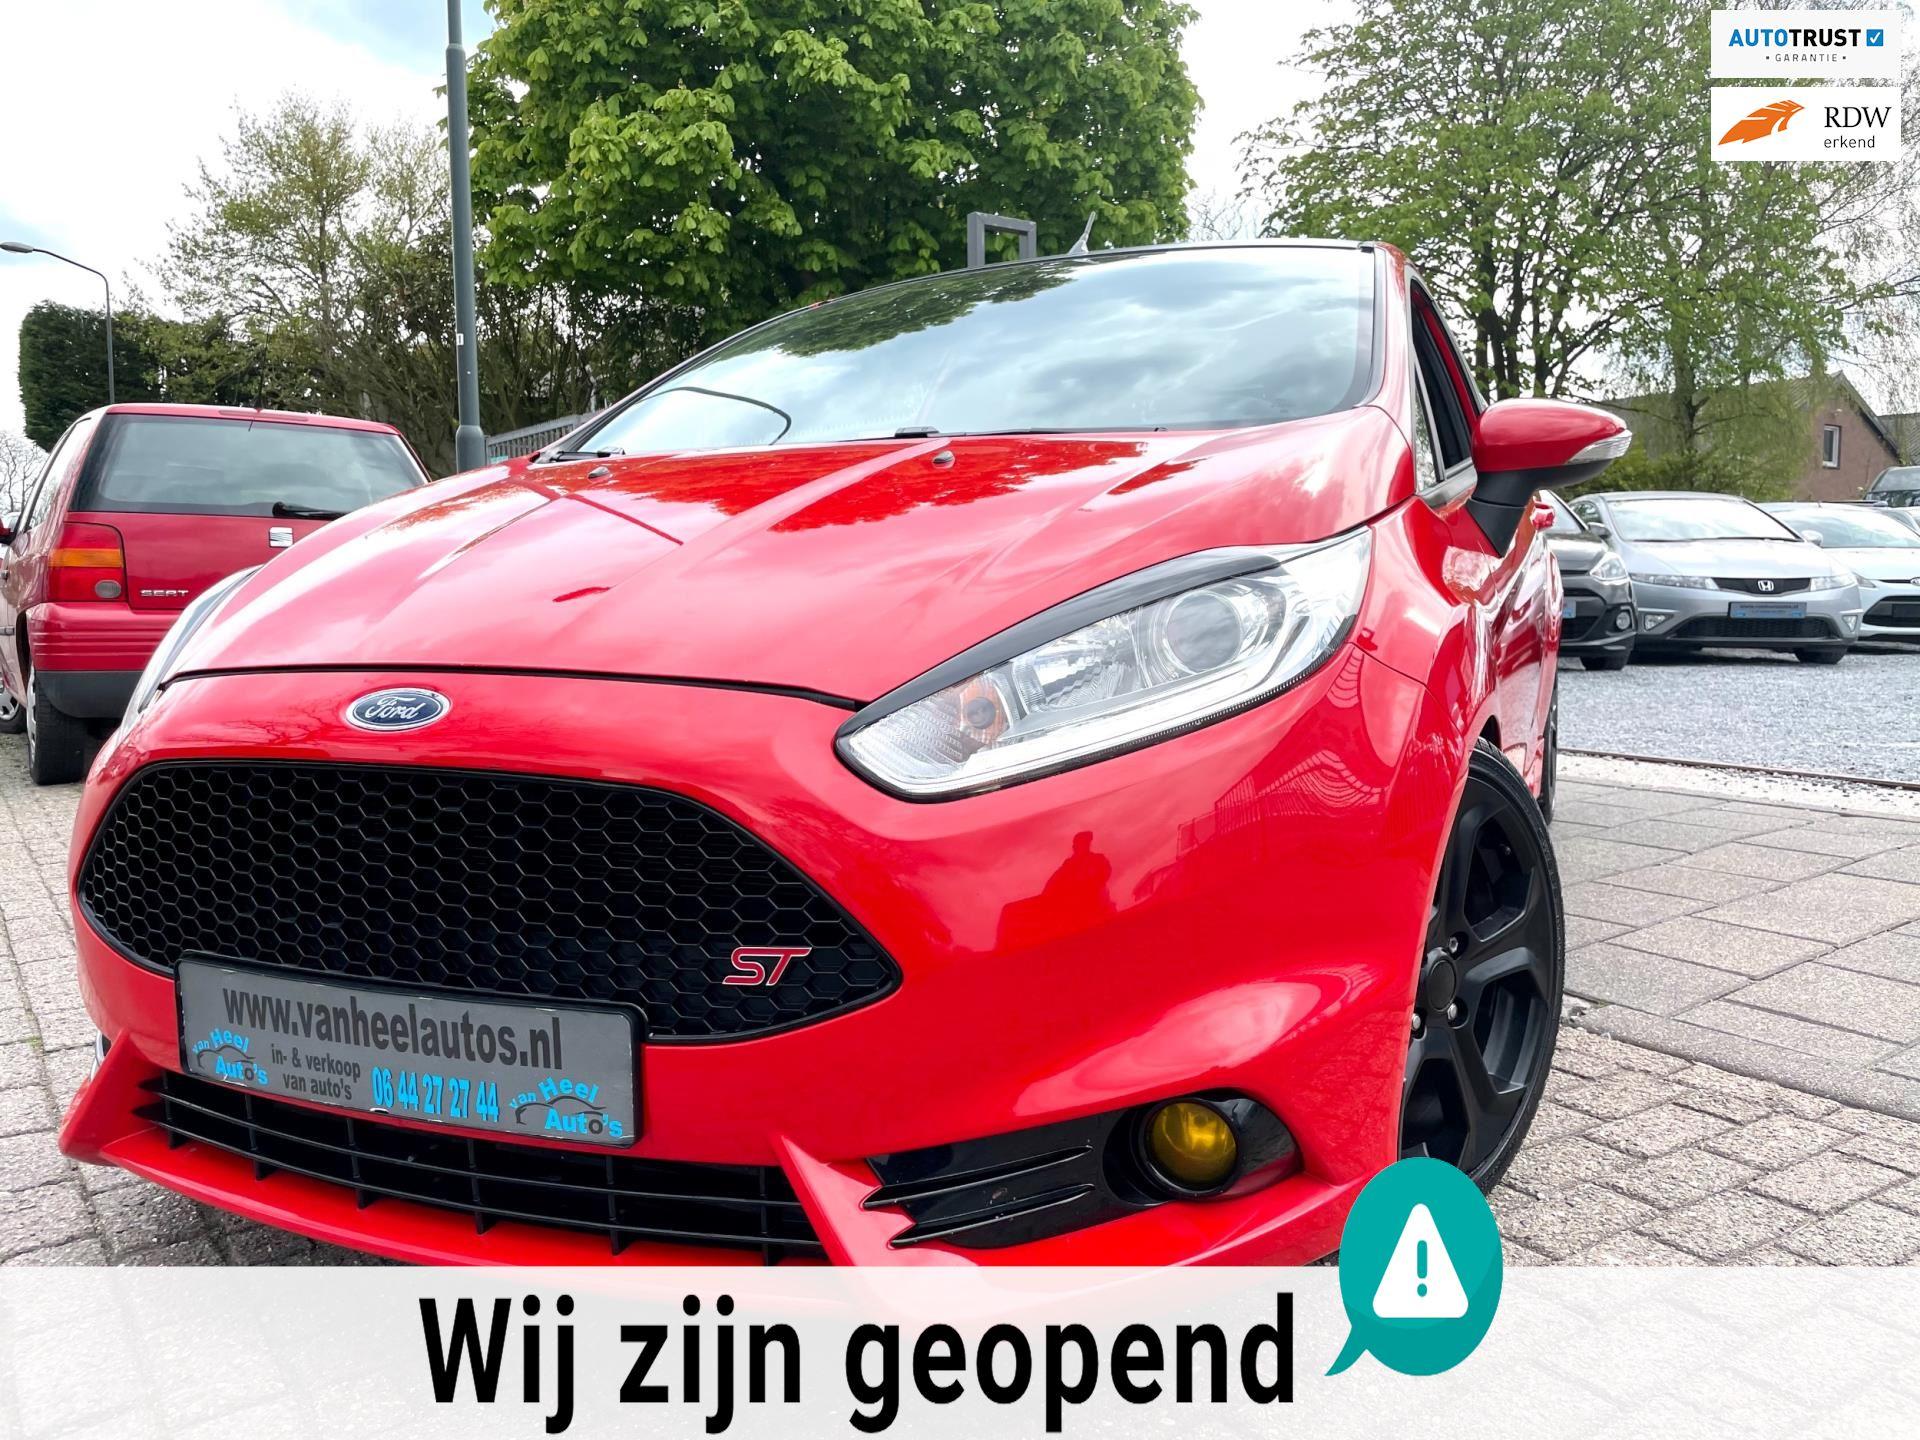 Ford Fiesta occasion - van Heel Auto's